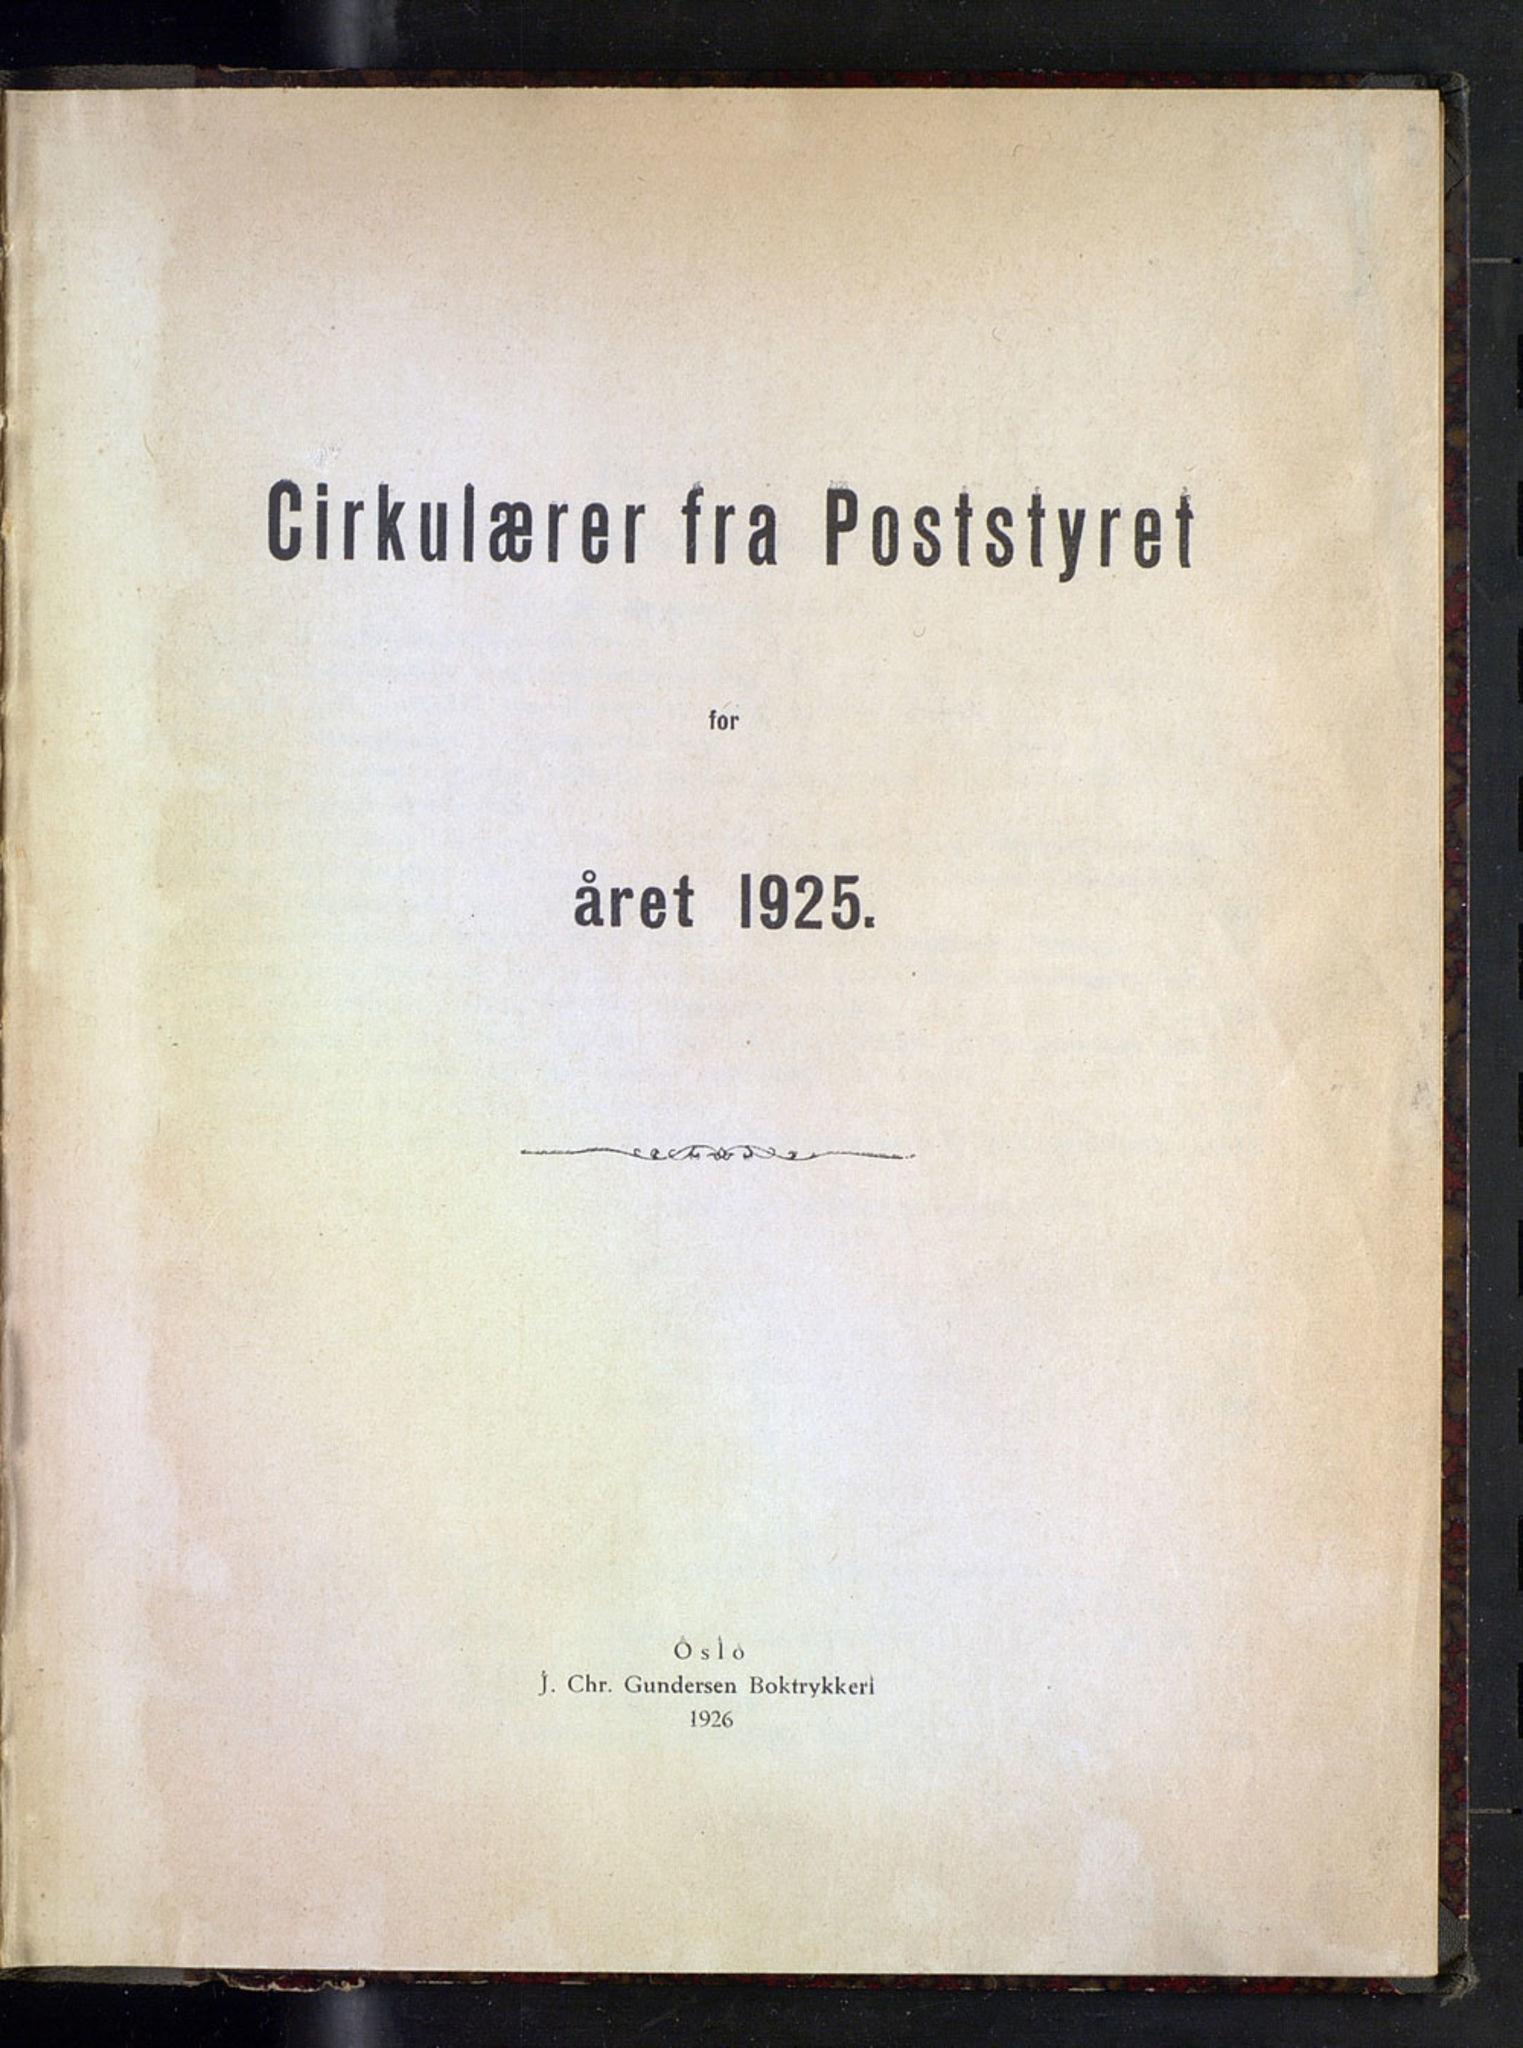 NOPO, Norges Postmuseums bibliotek, -/-: Sirkulærer fra Poststyret, 1925